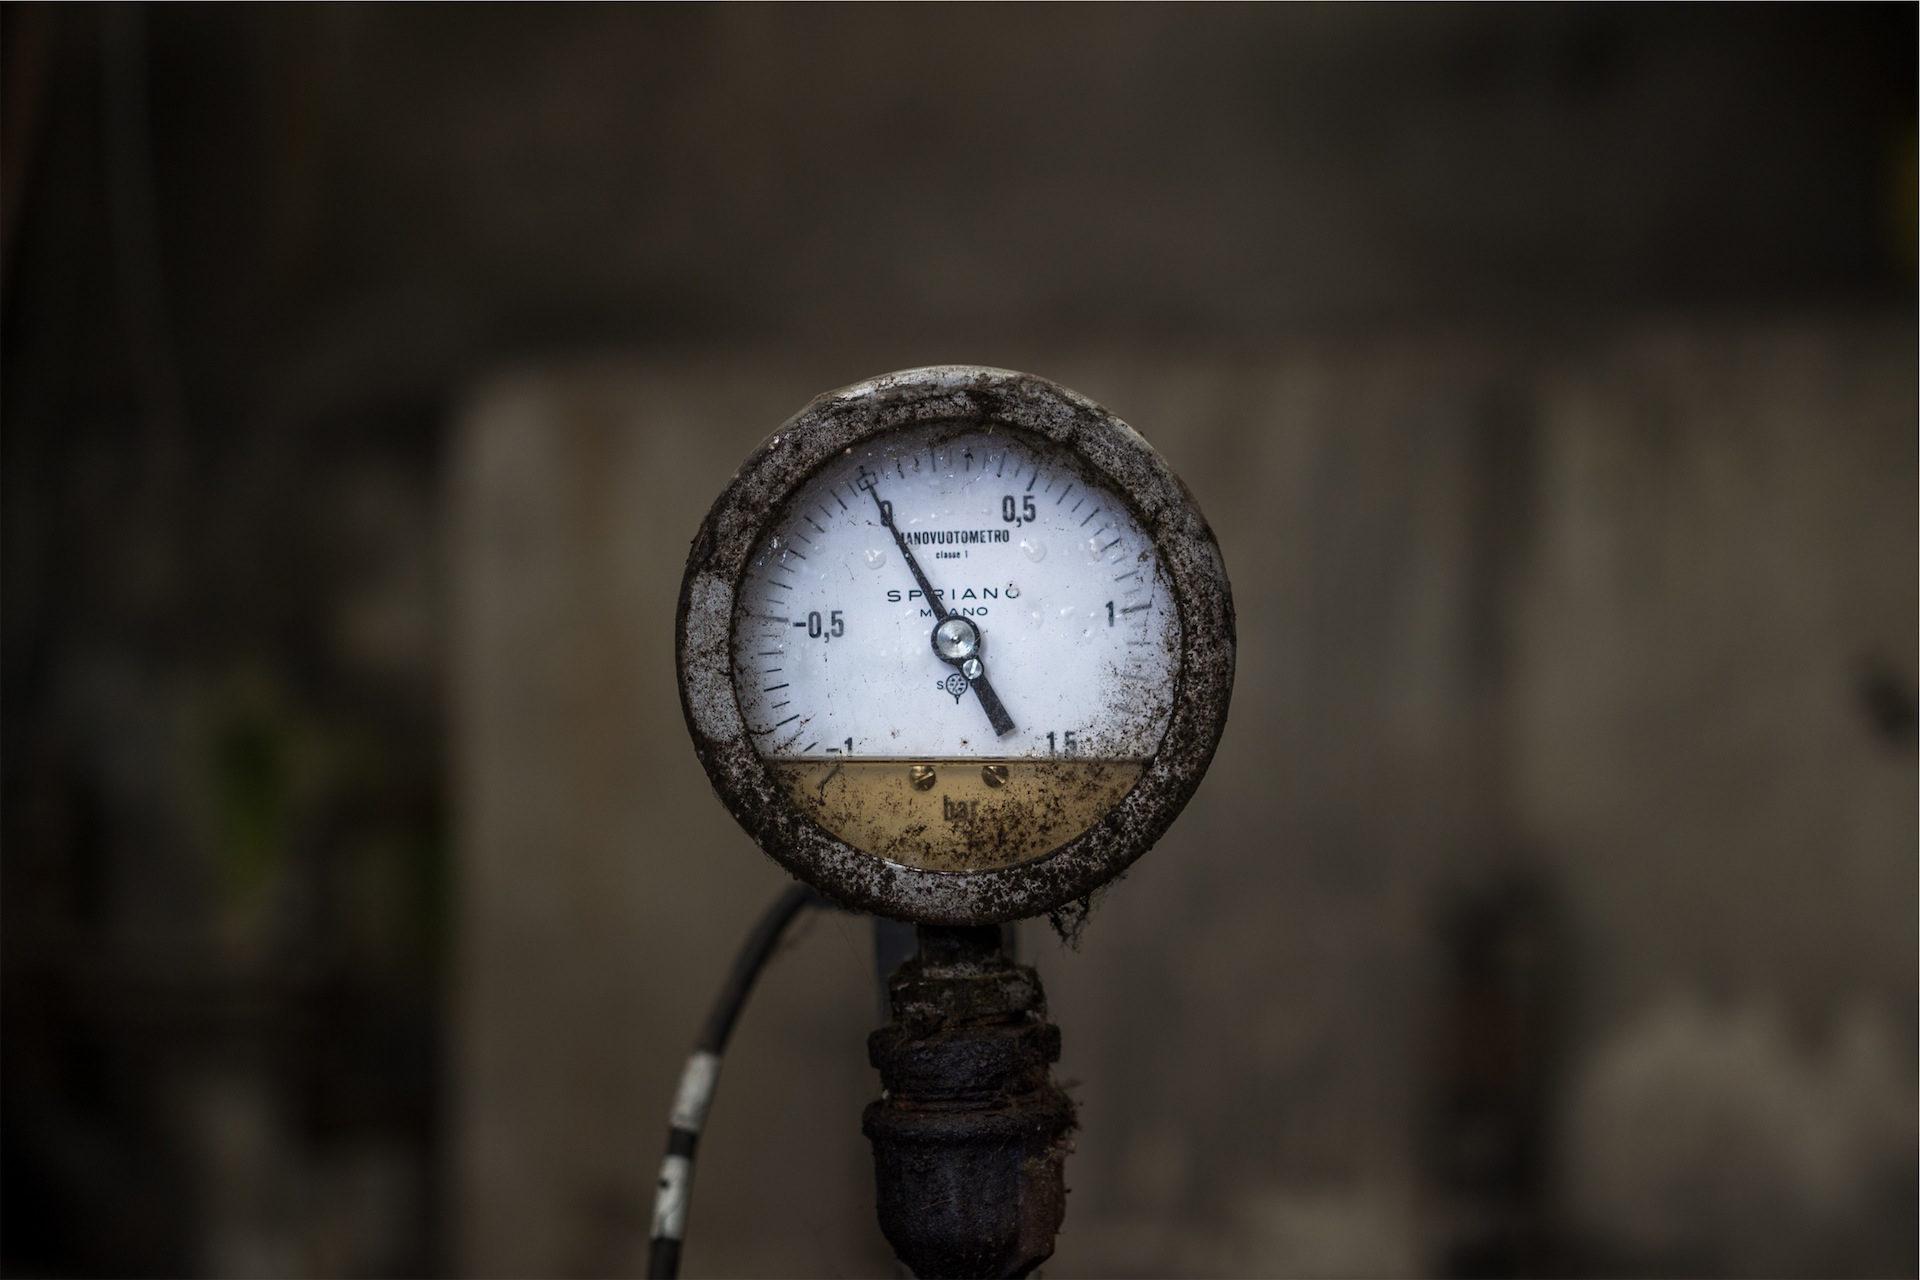 valvola, pressione, indicatore, dell'ago, vecchio - Sfondi HD - Professor-falken.com